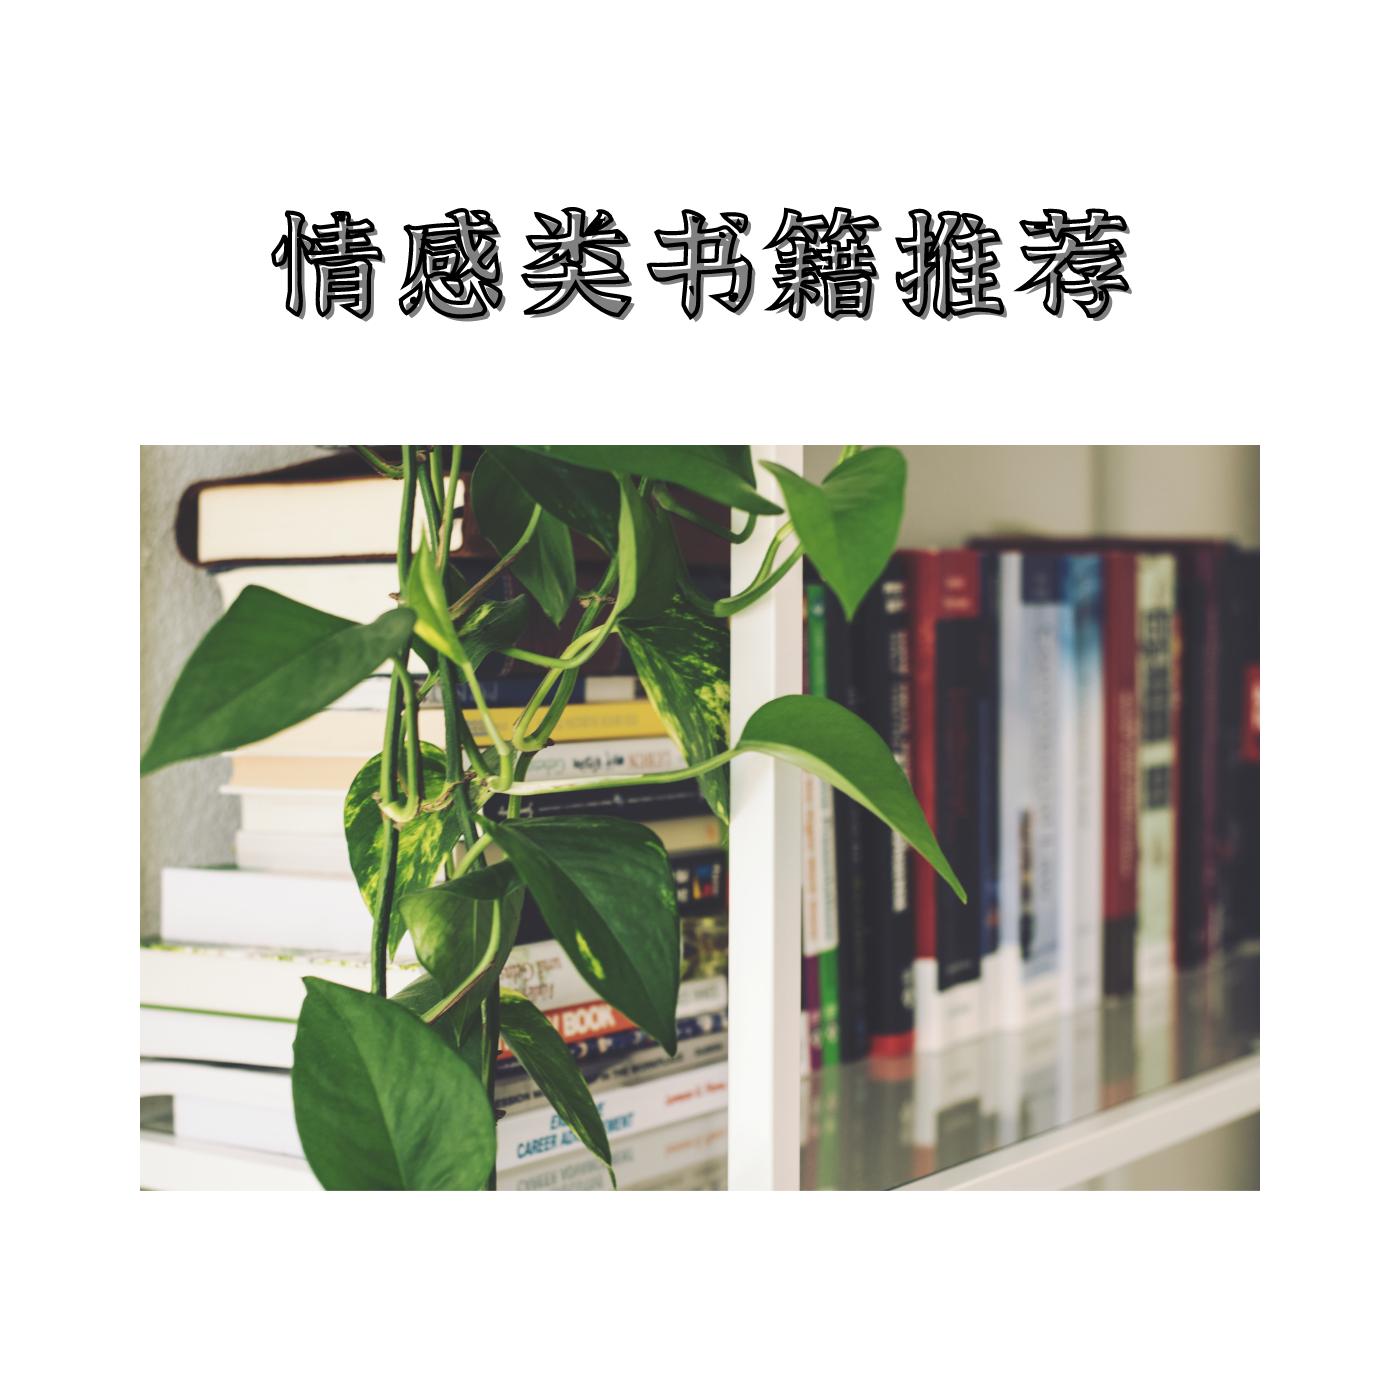 情感类书籍推荐